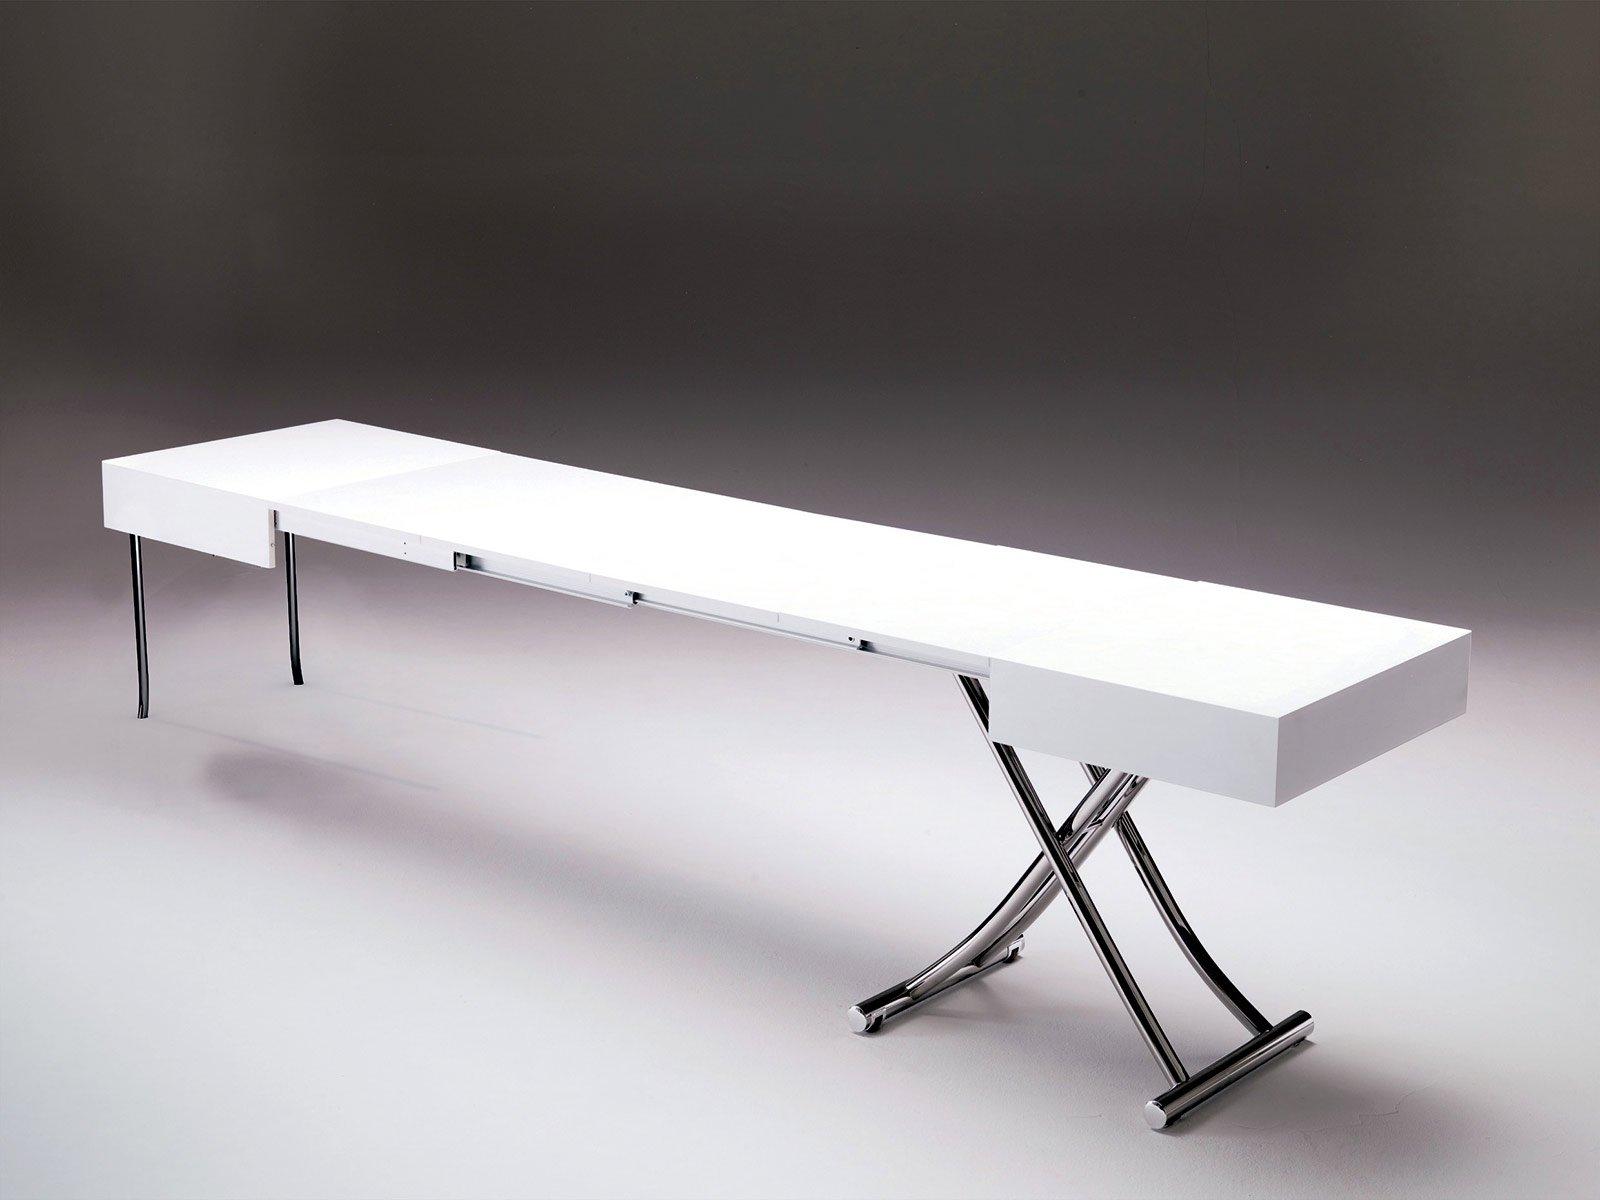 Piano Passa Da 120 Cm Per Arrivare Fino A 320 Cm. Nel Tavolo Magnum Di  #5E5553 1600 1200 Tavoli Da Pranzo Di Marca